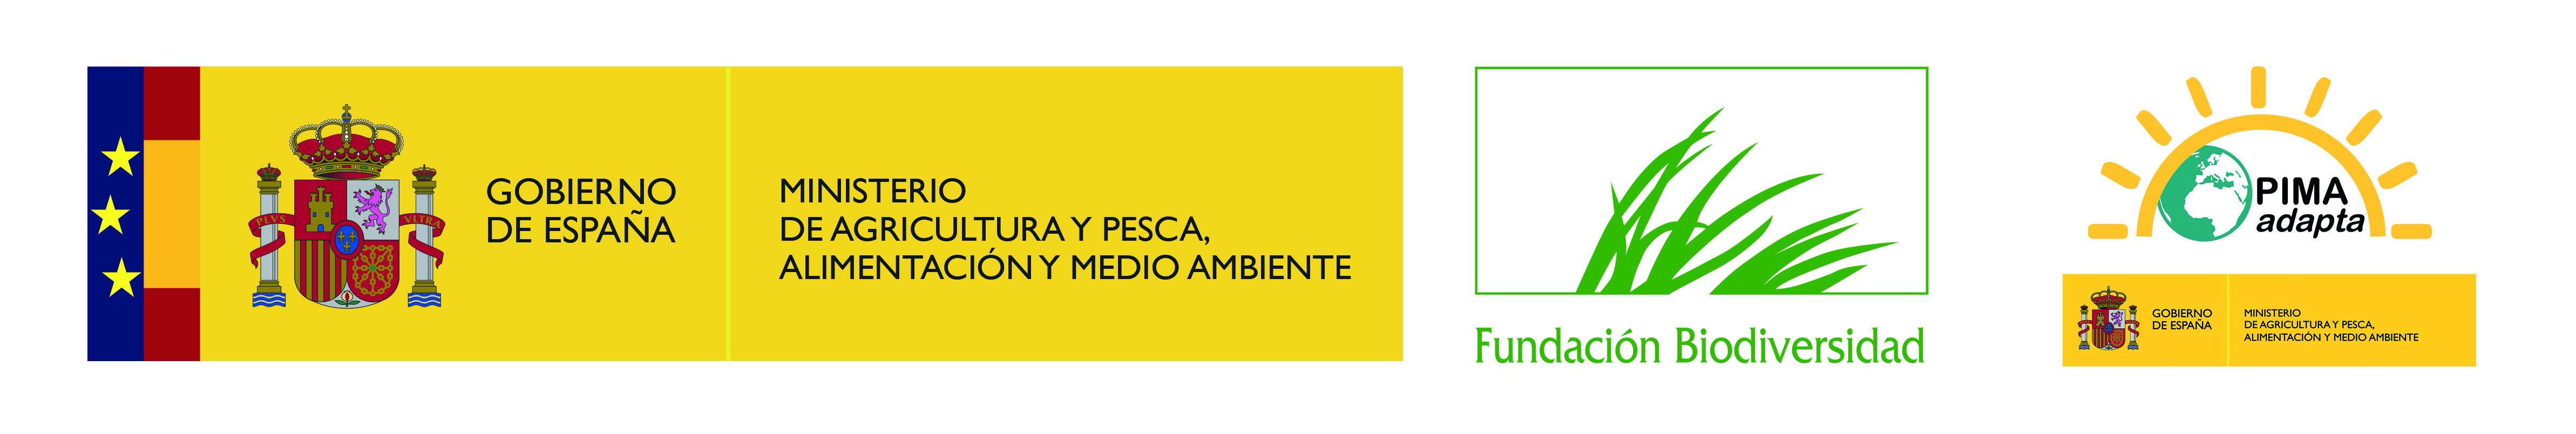 LOGO_FB_PIMA_COLOR_para_web